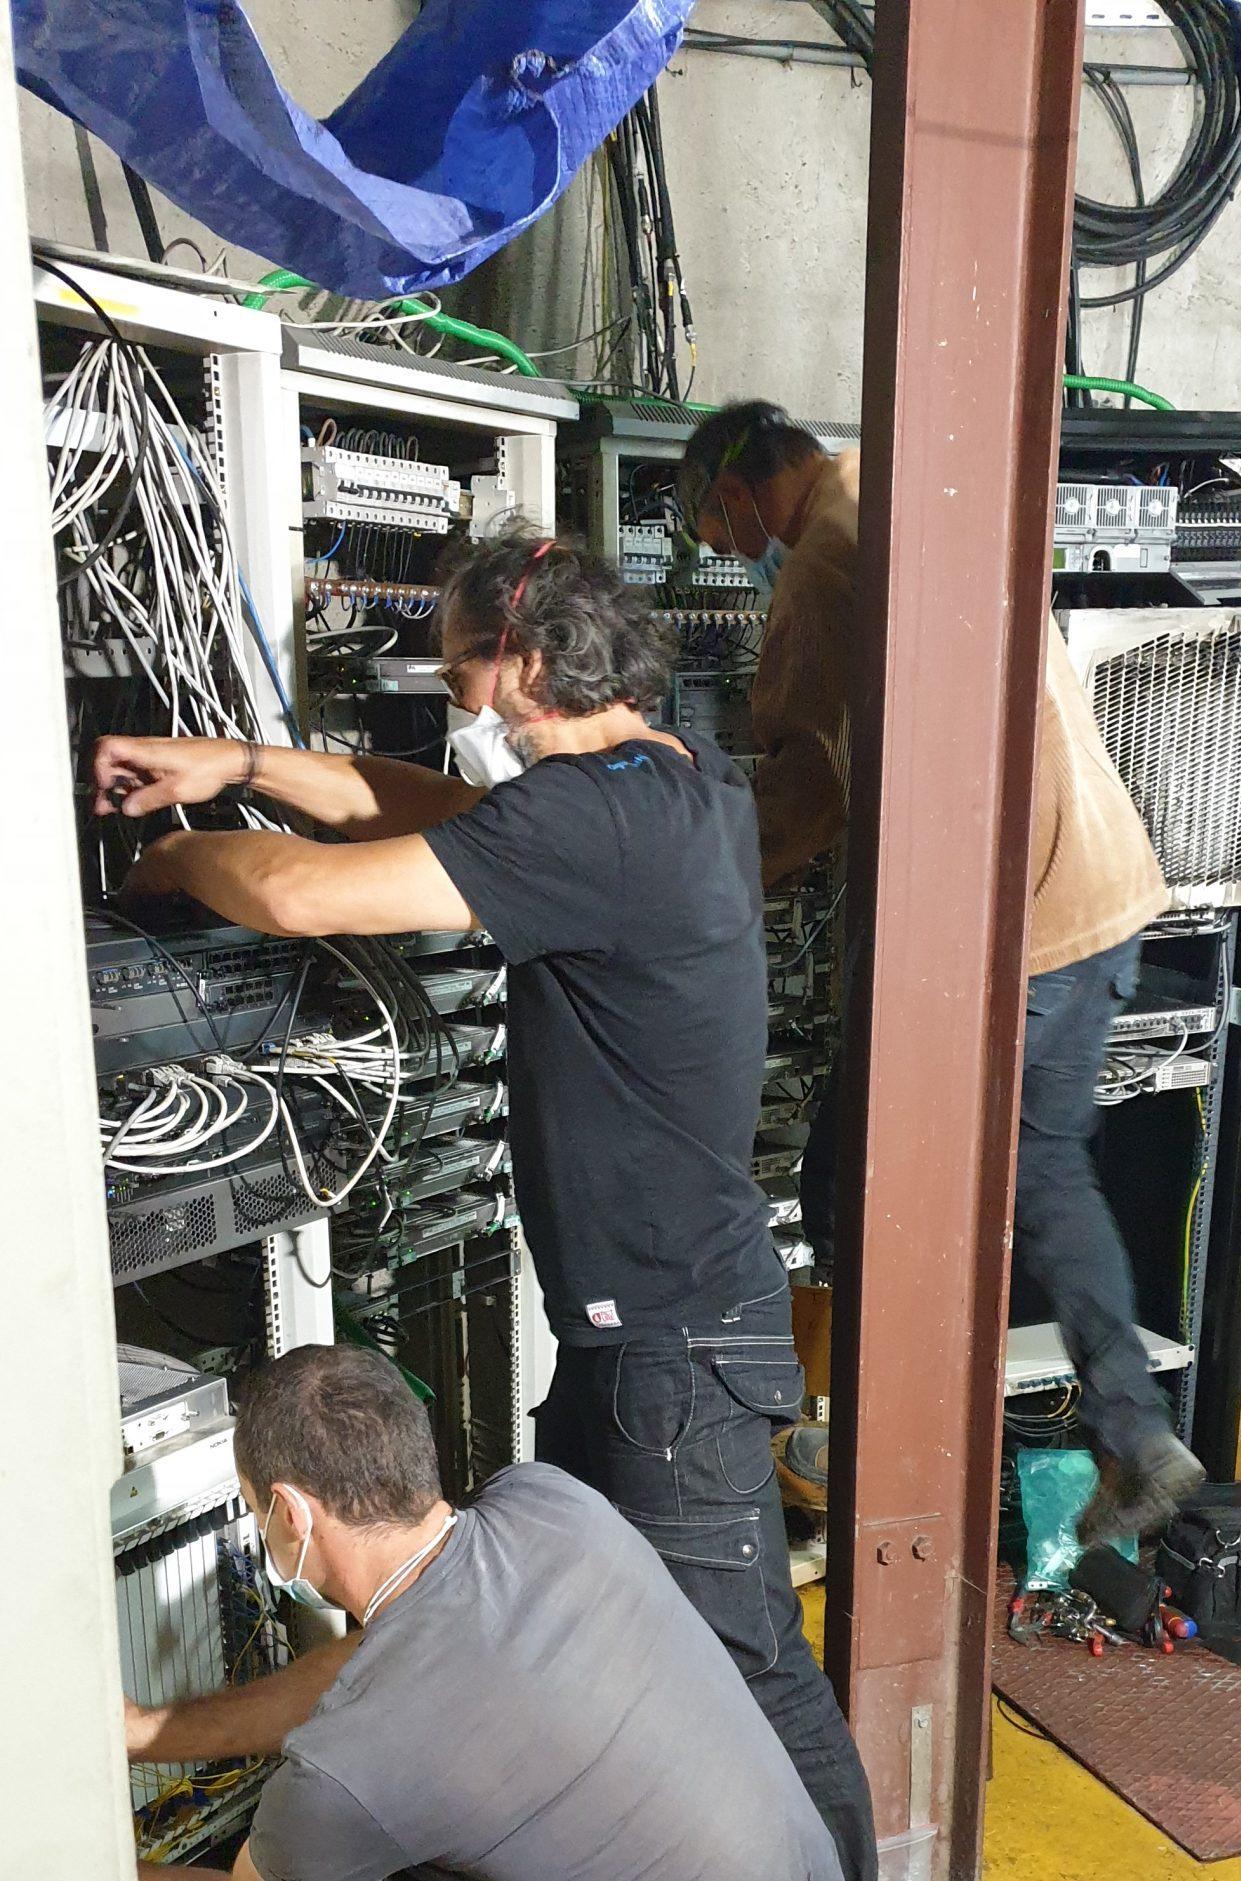 Équipe réseau Bouygues Telecom - maintenance - remise en route